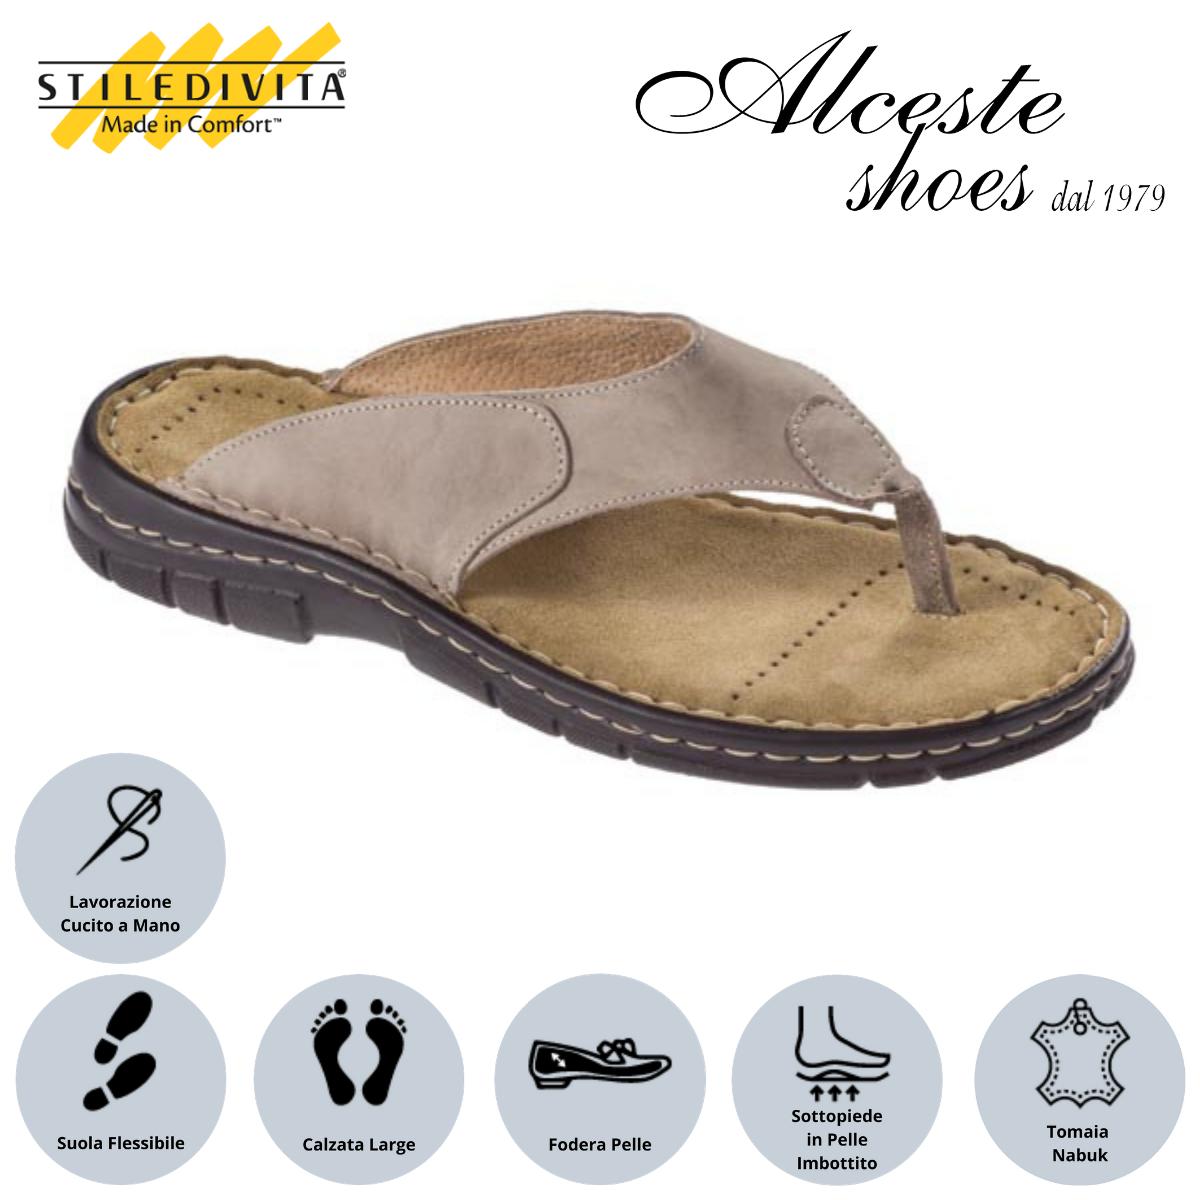 Infradito Uomo Stiledivita Art. 7881 Nabuk Avana Alceste Shoes 19